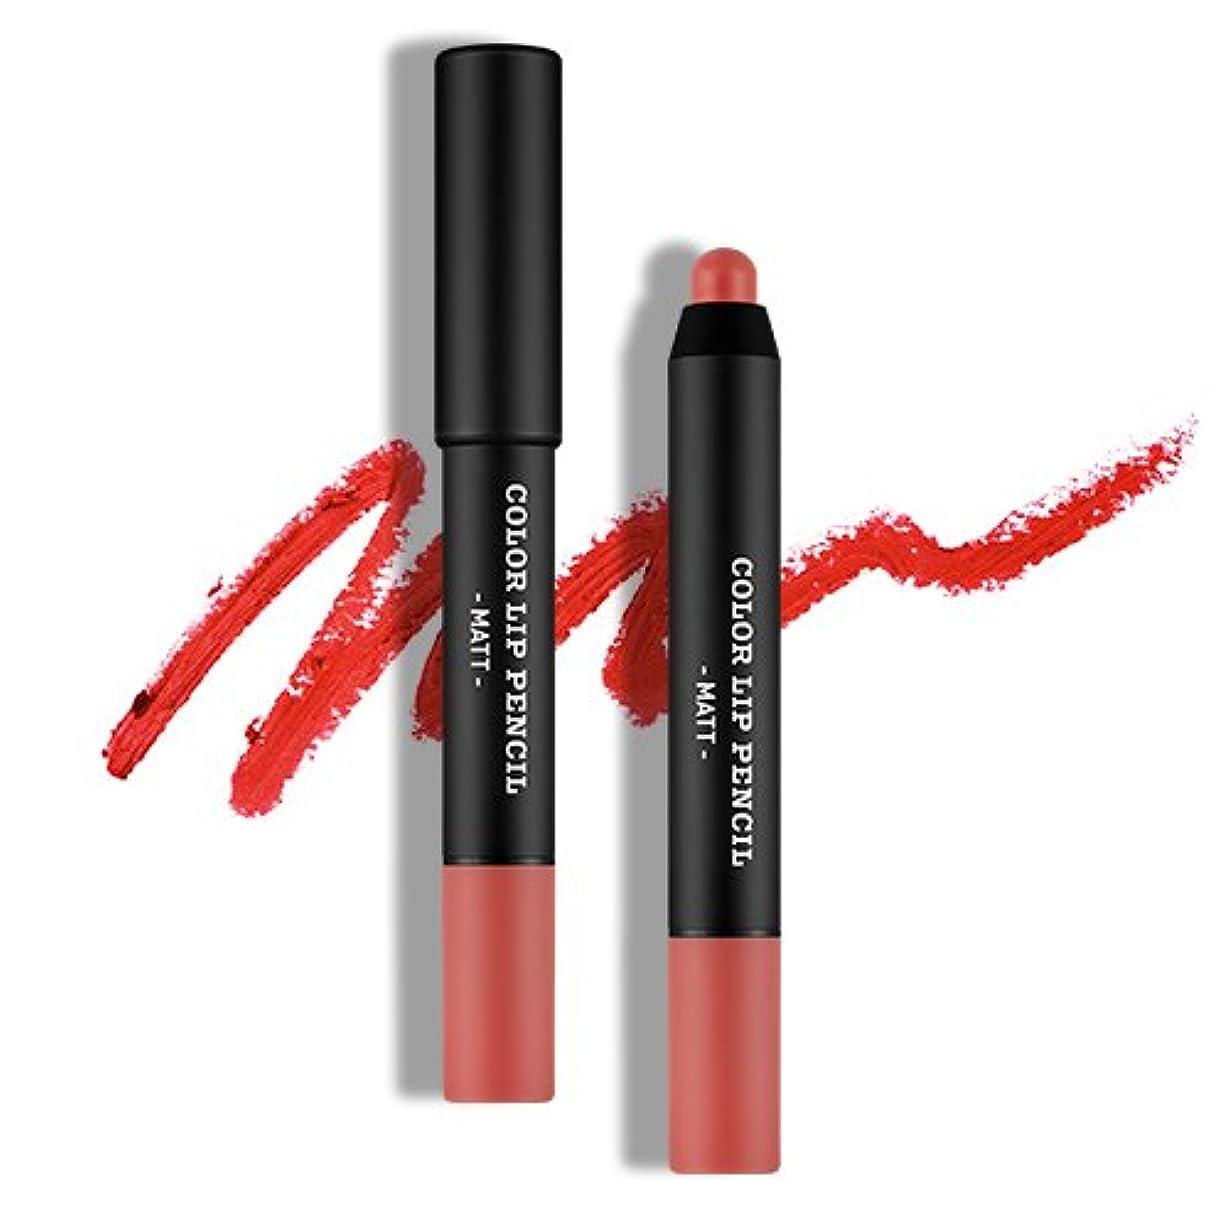 評価可能バブル溶接[韓国コスメ Apieu] [オピュ] カラーリップペンシル(マット) [Apieu] Color Lip Pencil(Matt) (CR01) [並行輸入品]